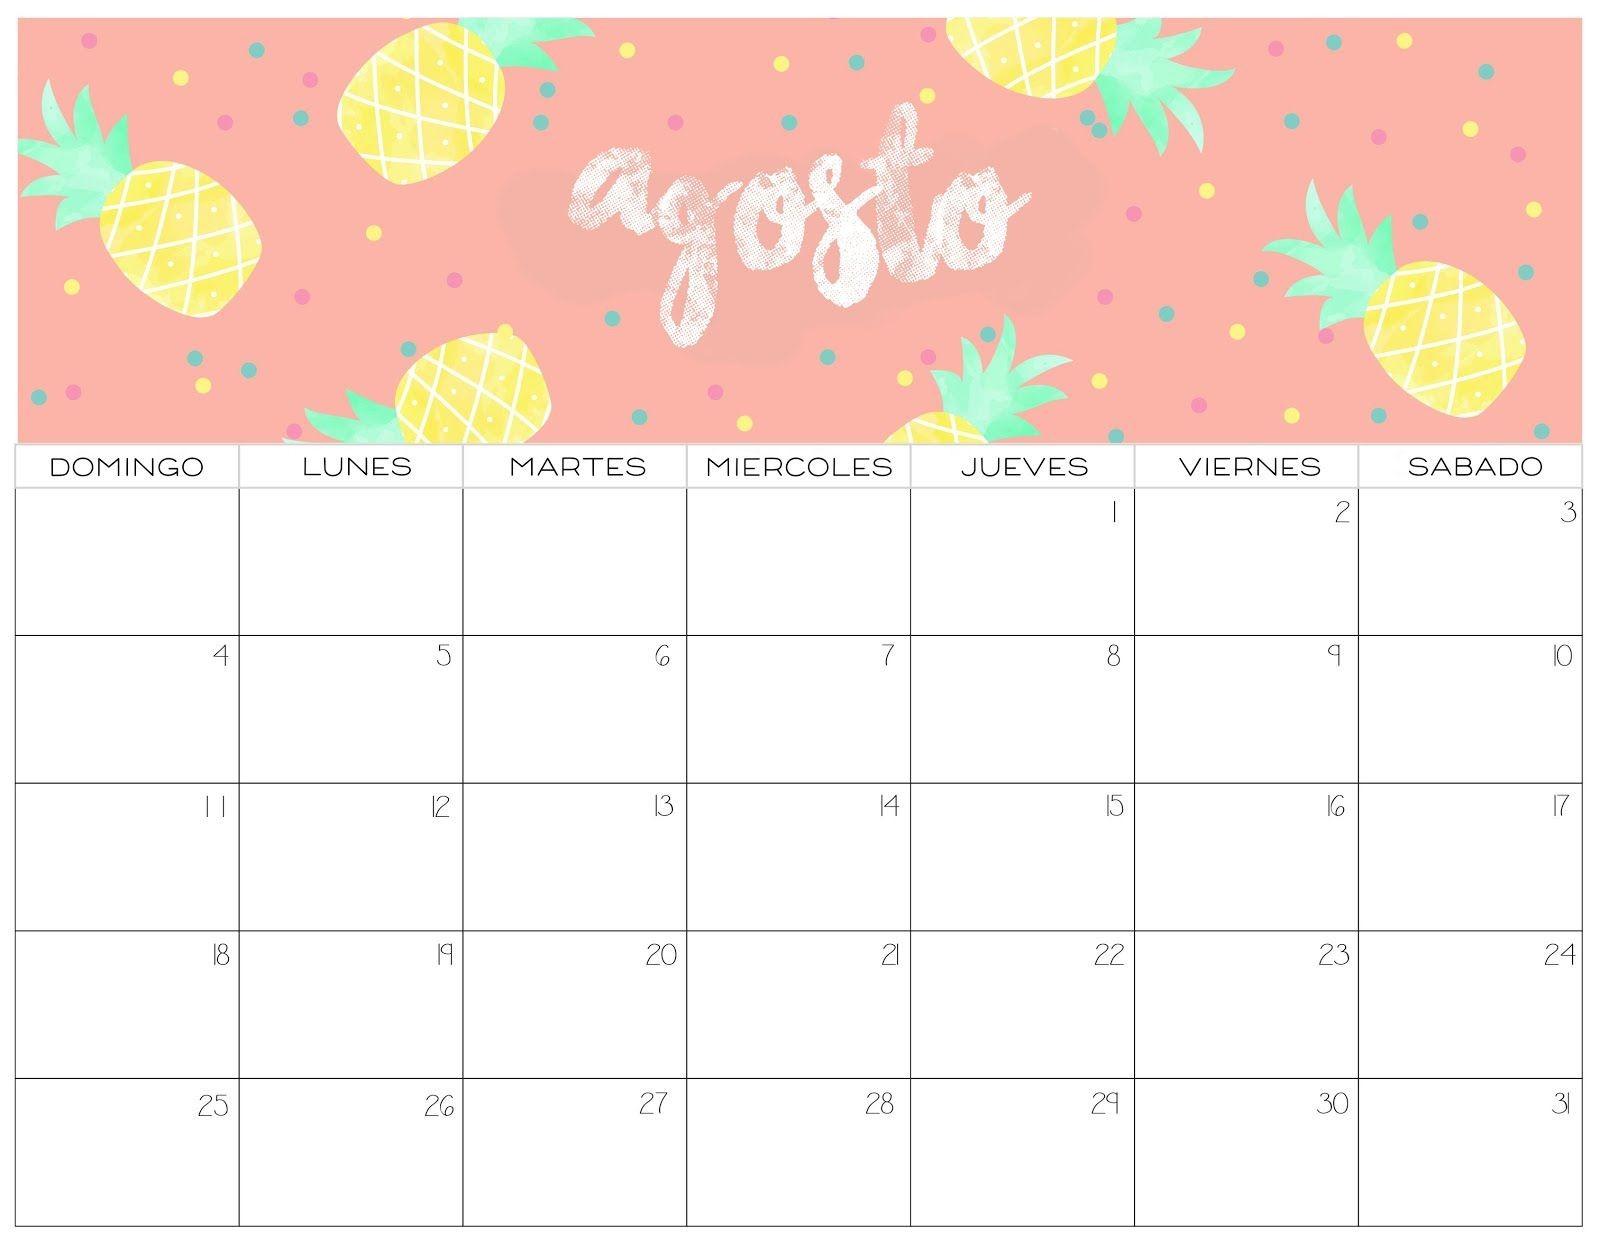 Calendario Imprimir Julio Agosto 2019 Más Populares Calendario 2019 Colorido 2 Estilos Agendas